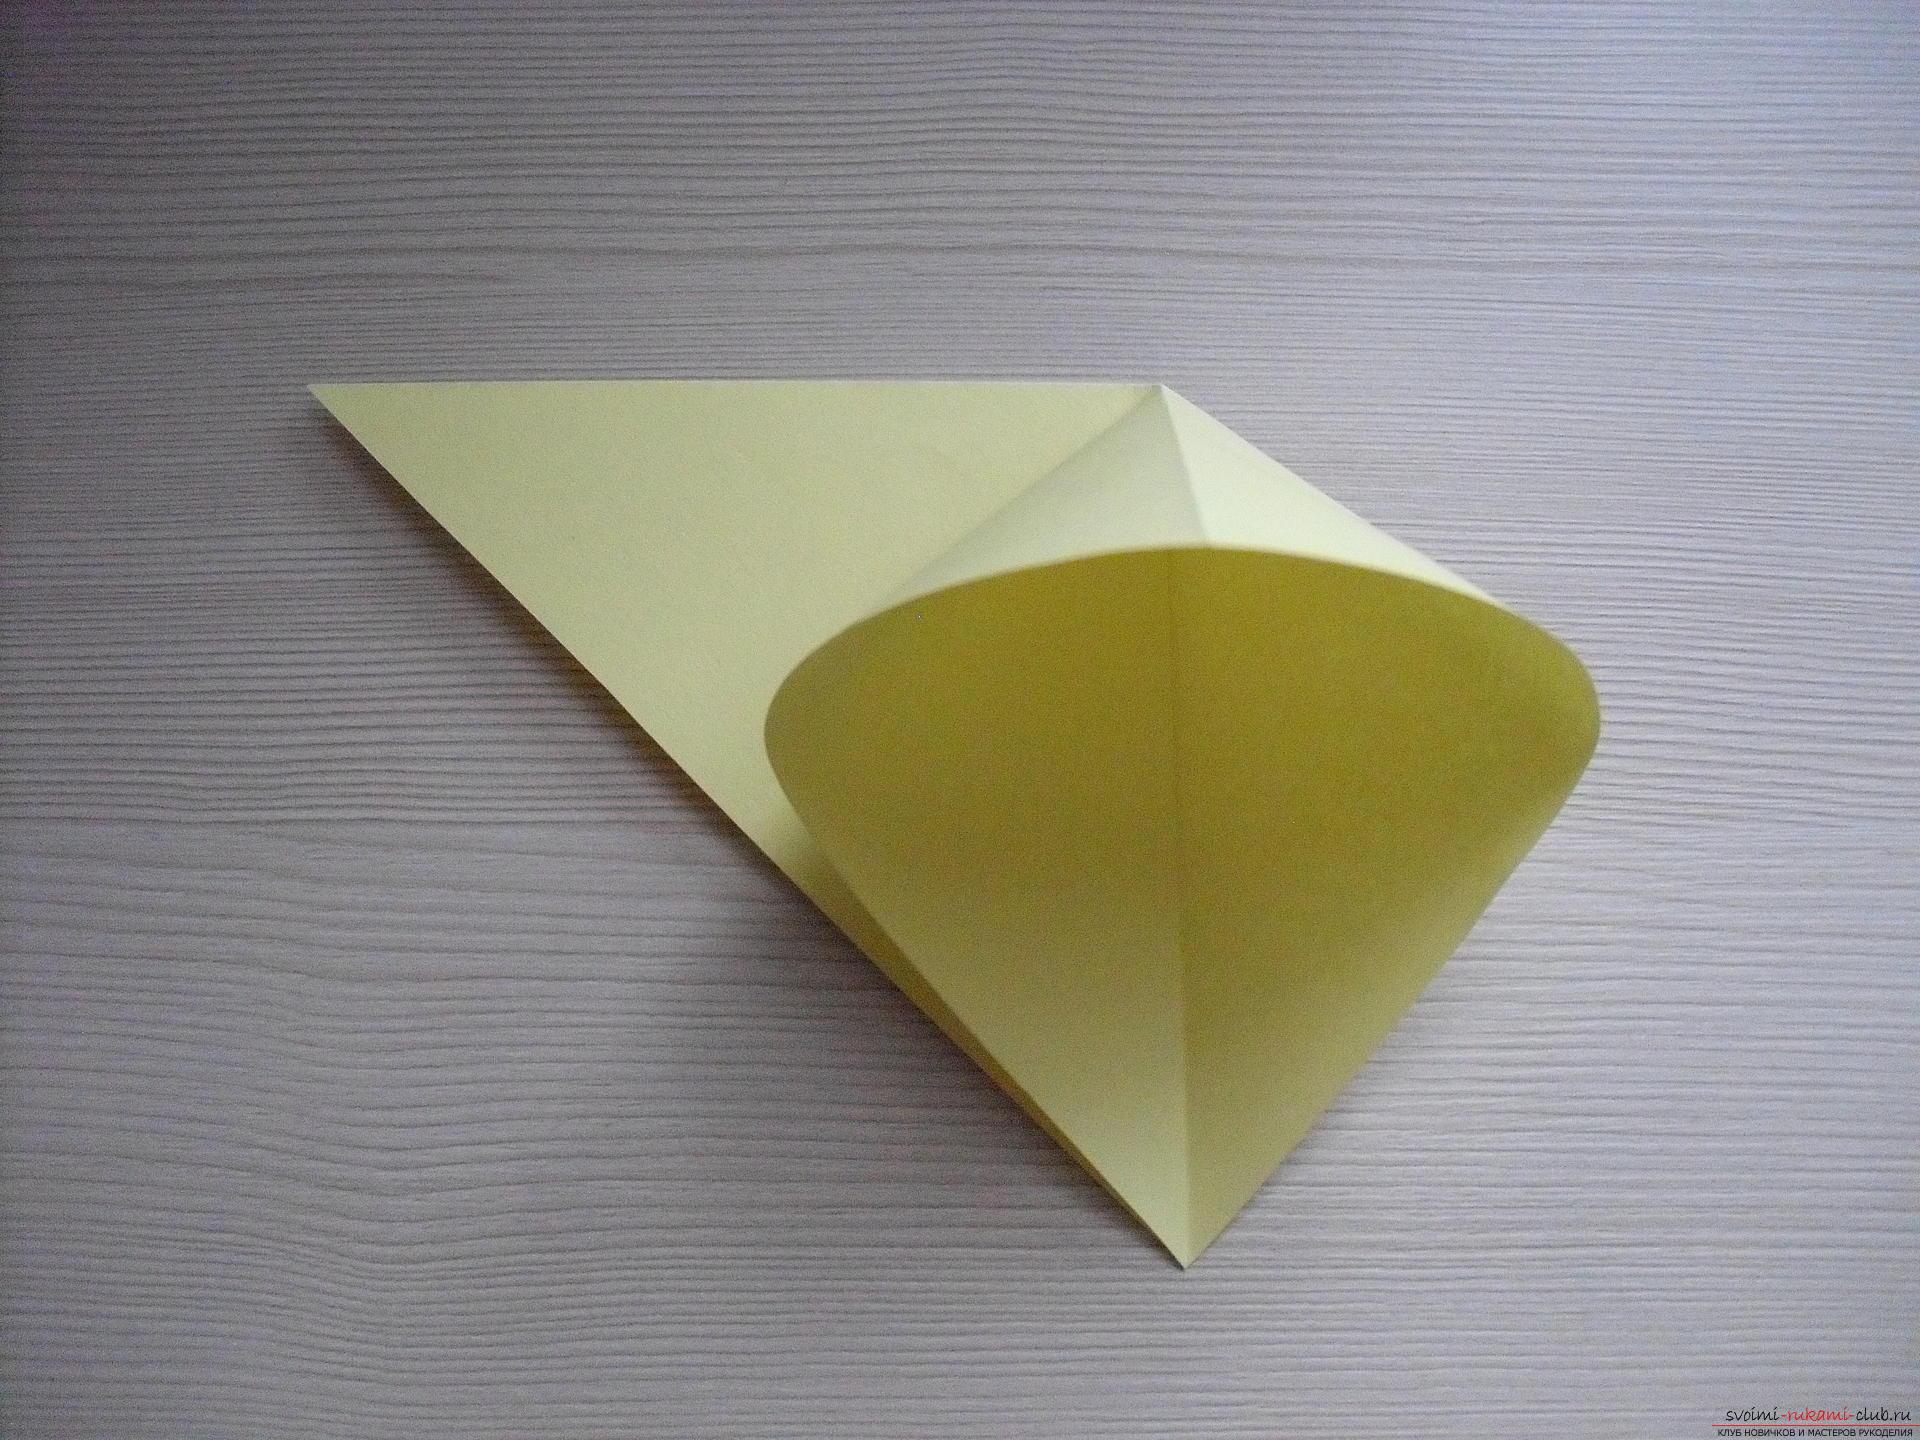 Этот пошаговый мастер-класс с инструкцией модульного оригами научит как сделать корзинку с лилиями.. Фото №24